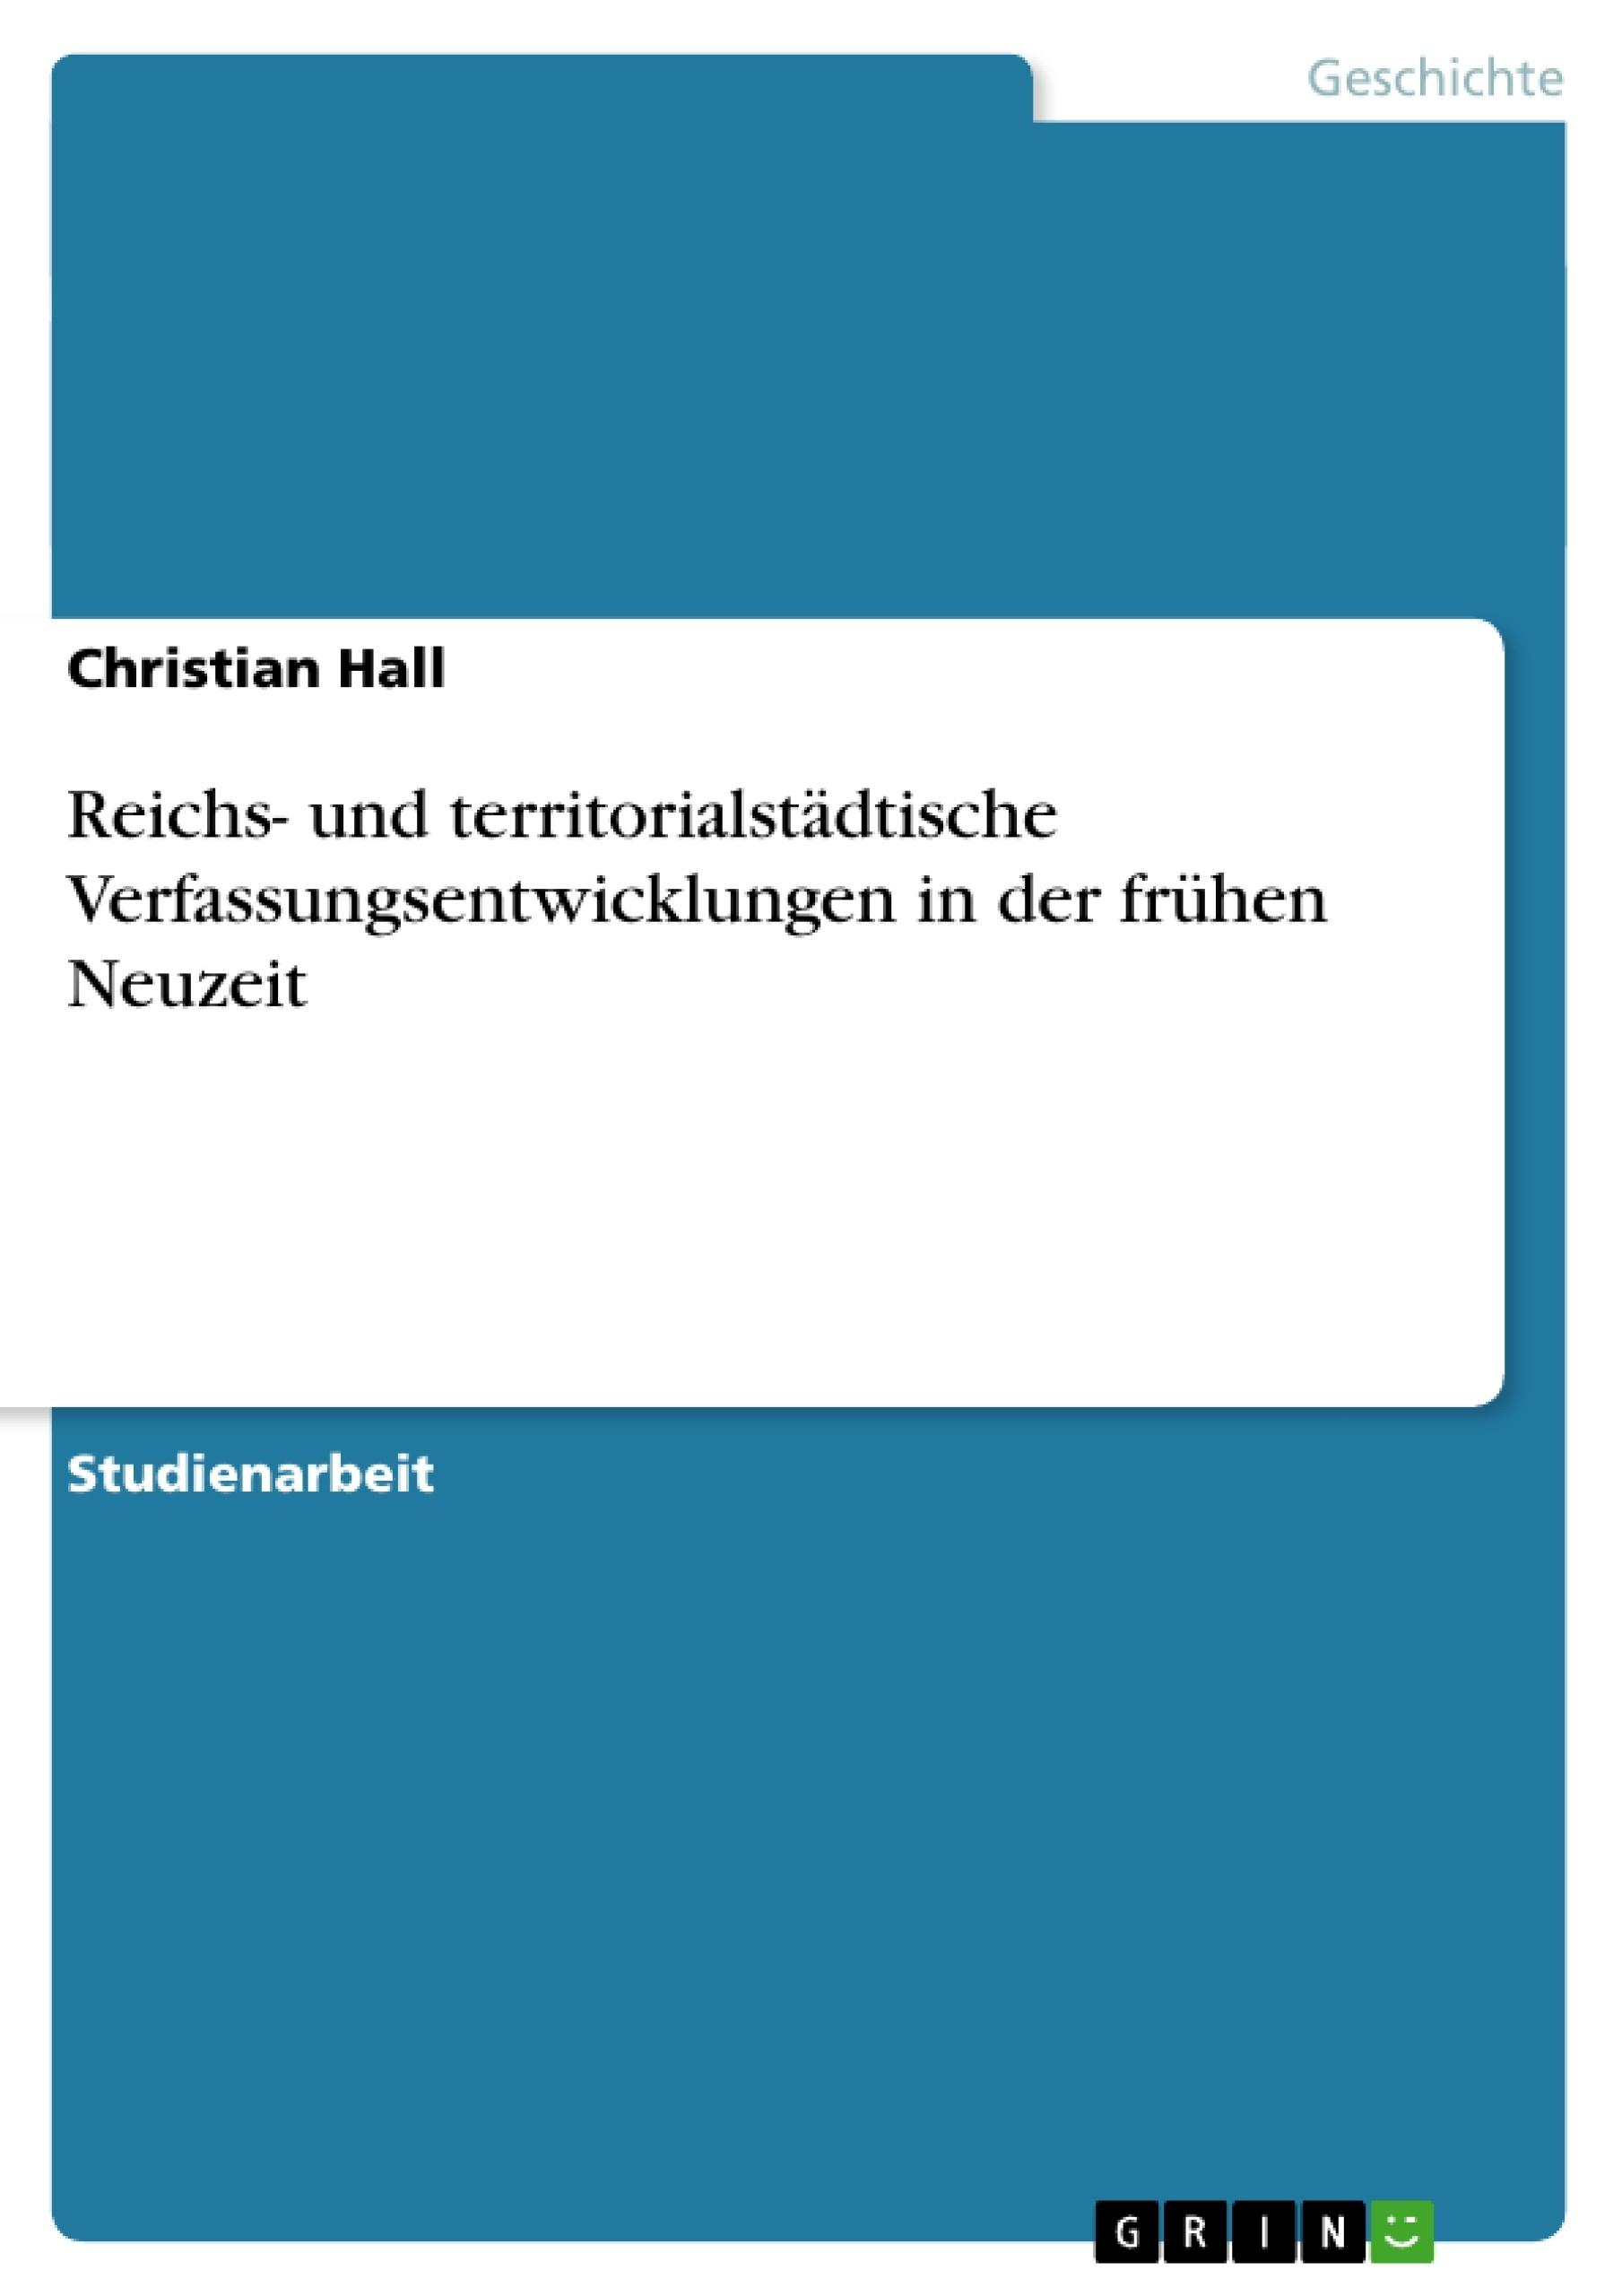 Titel: Reichs- und territorialstädtische Verfassungsentwicklungen in der frühen Neuzeit